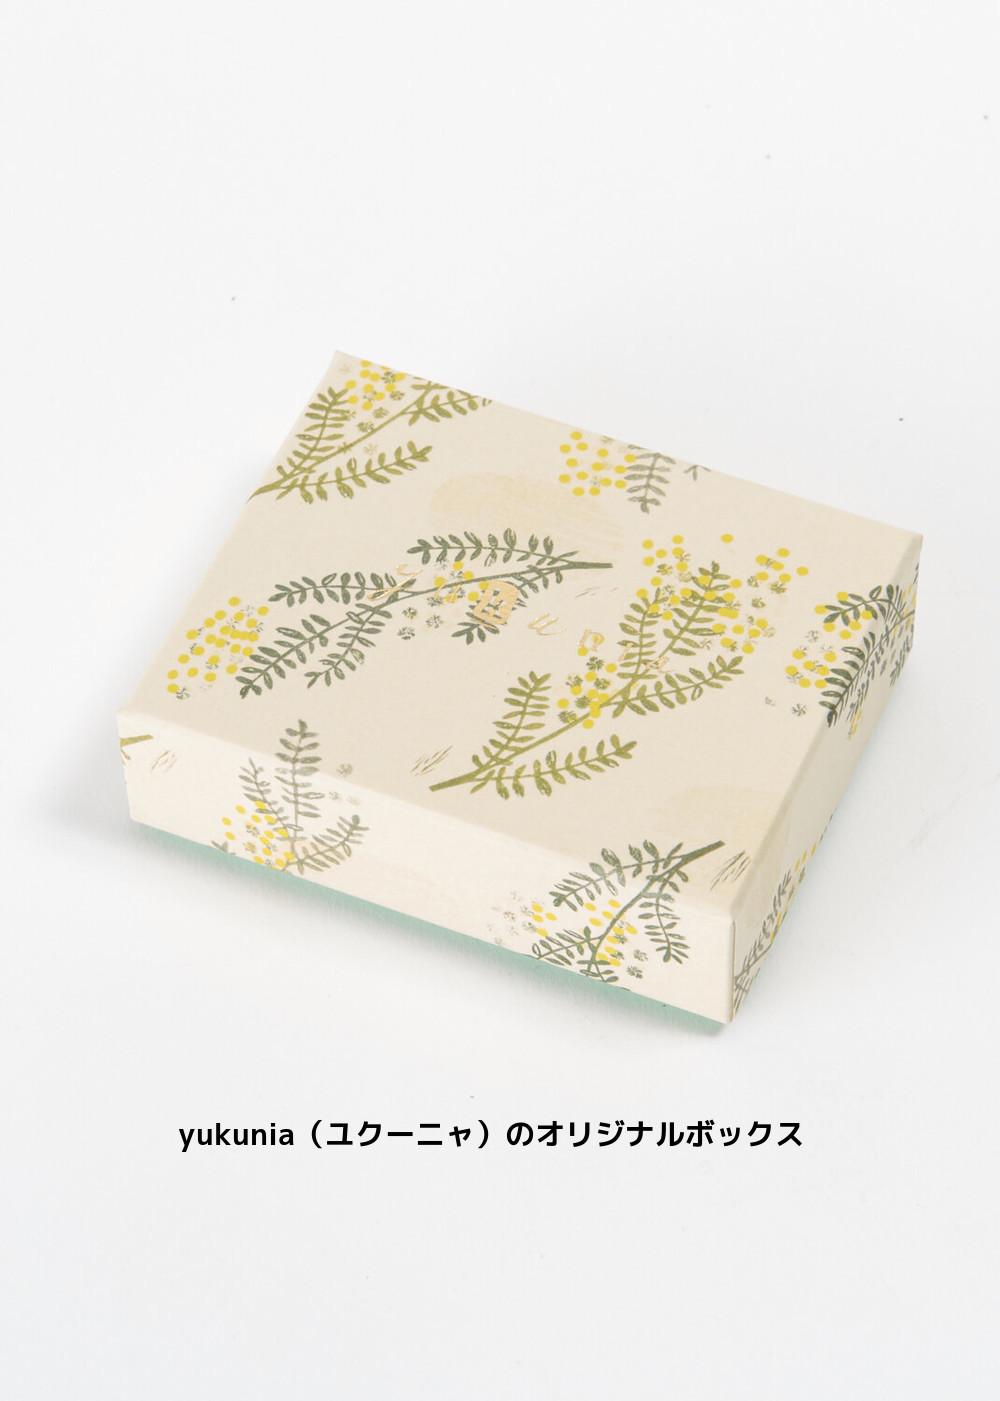 【yukunia】ユクーニャの『切手シリーズ』くまのプーさん